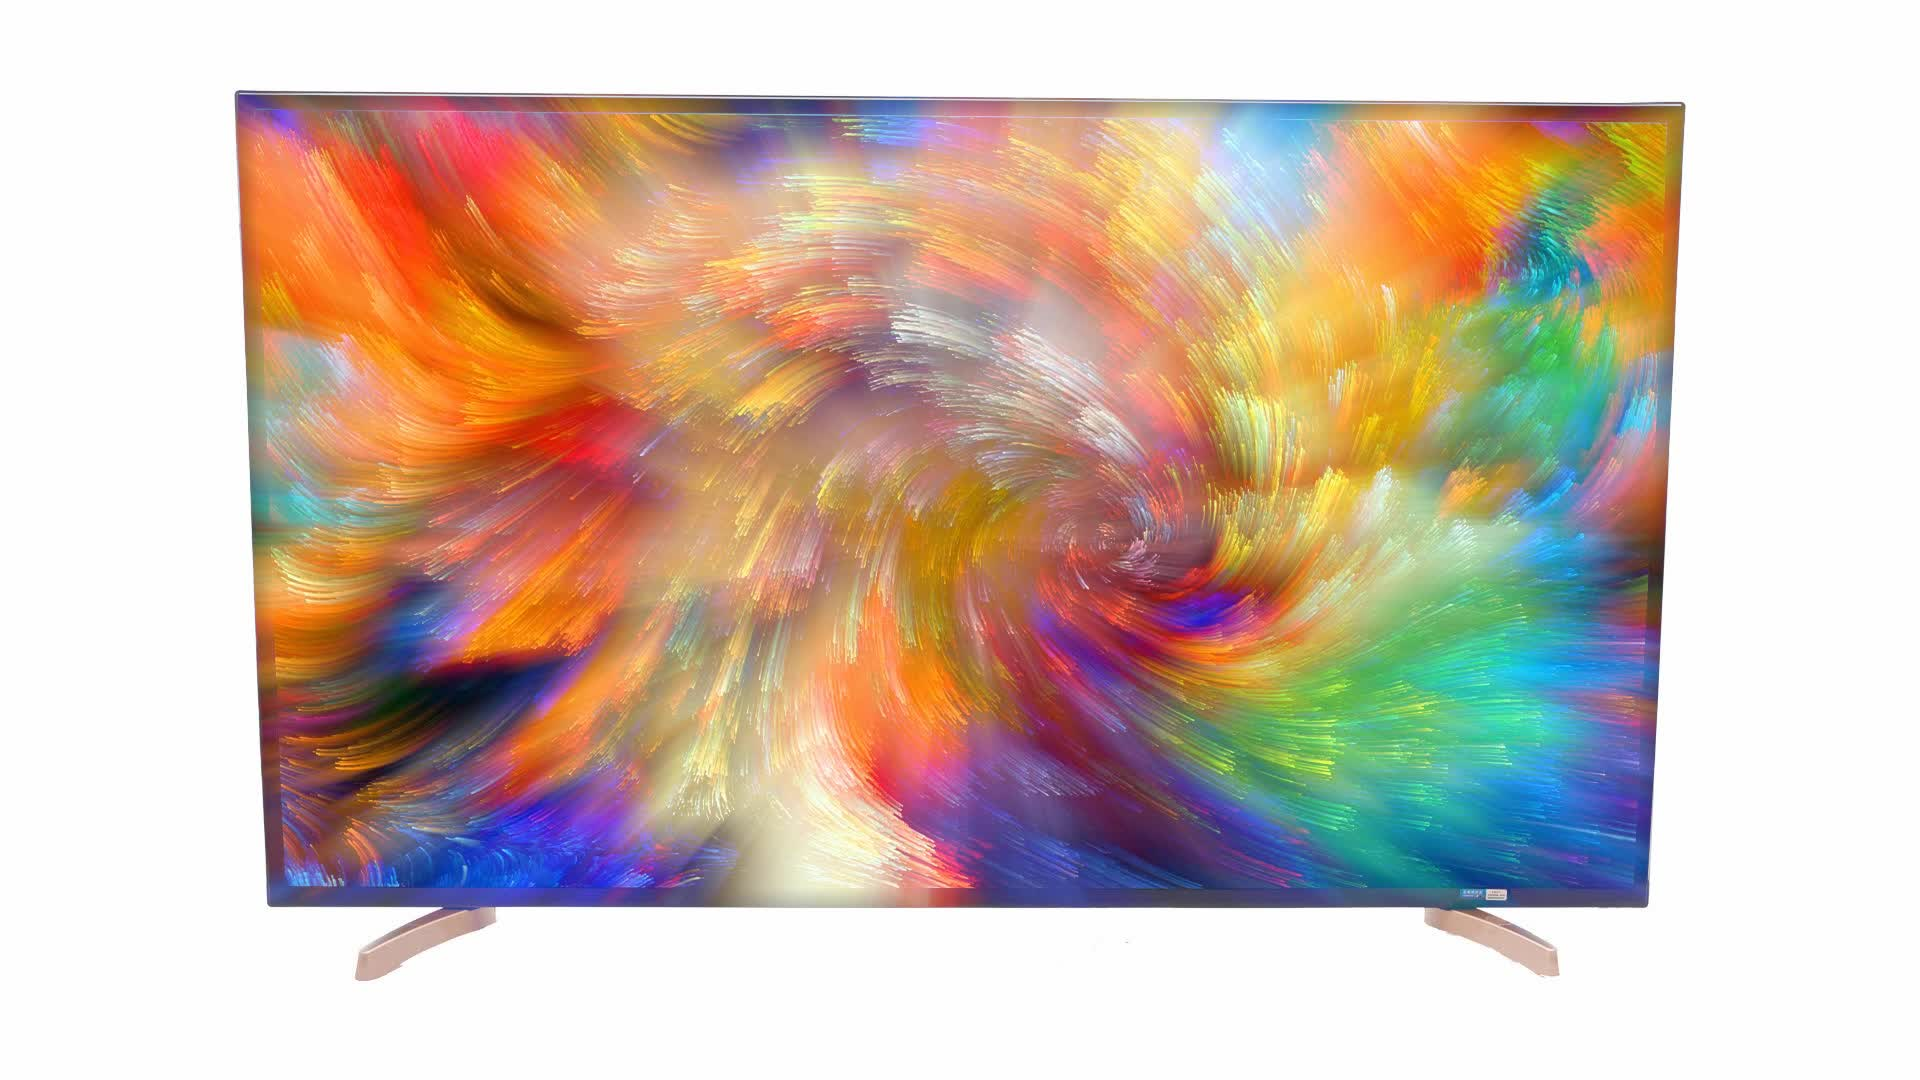 Di Alta Qualità Tcl Tv 4 K Brand New Tv 4 K Smart Vendite Calde Televisione con Il Prezzo All'ingrosso